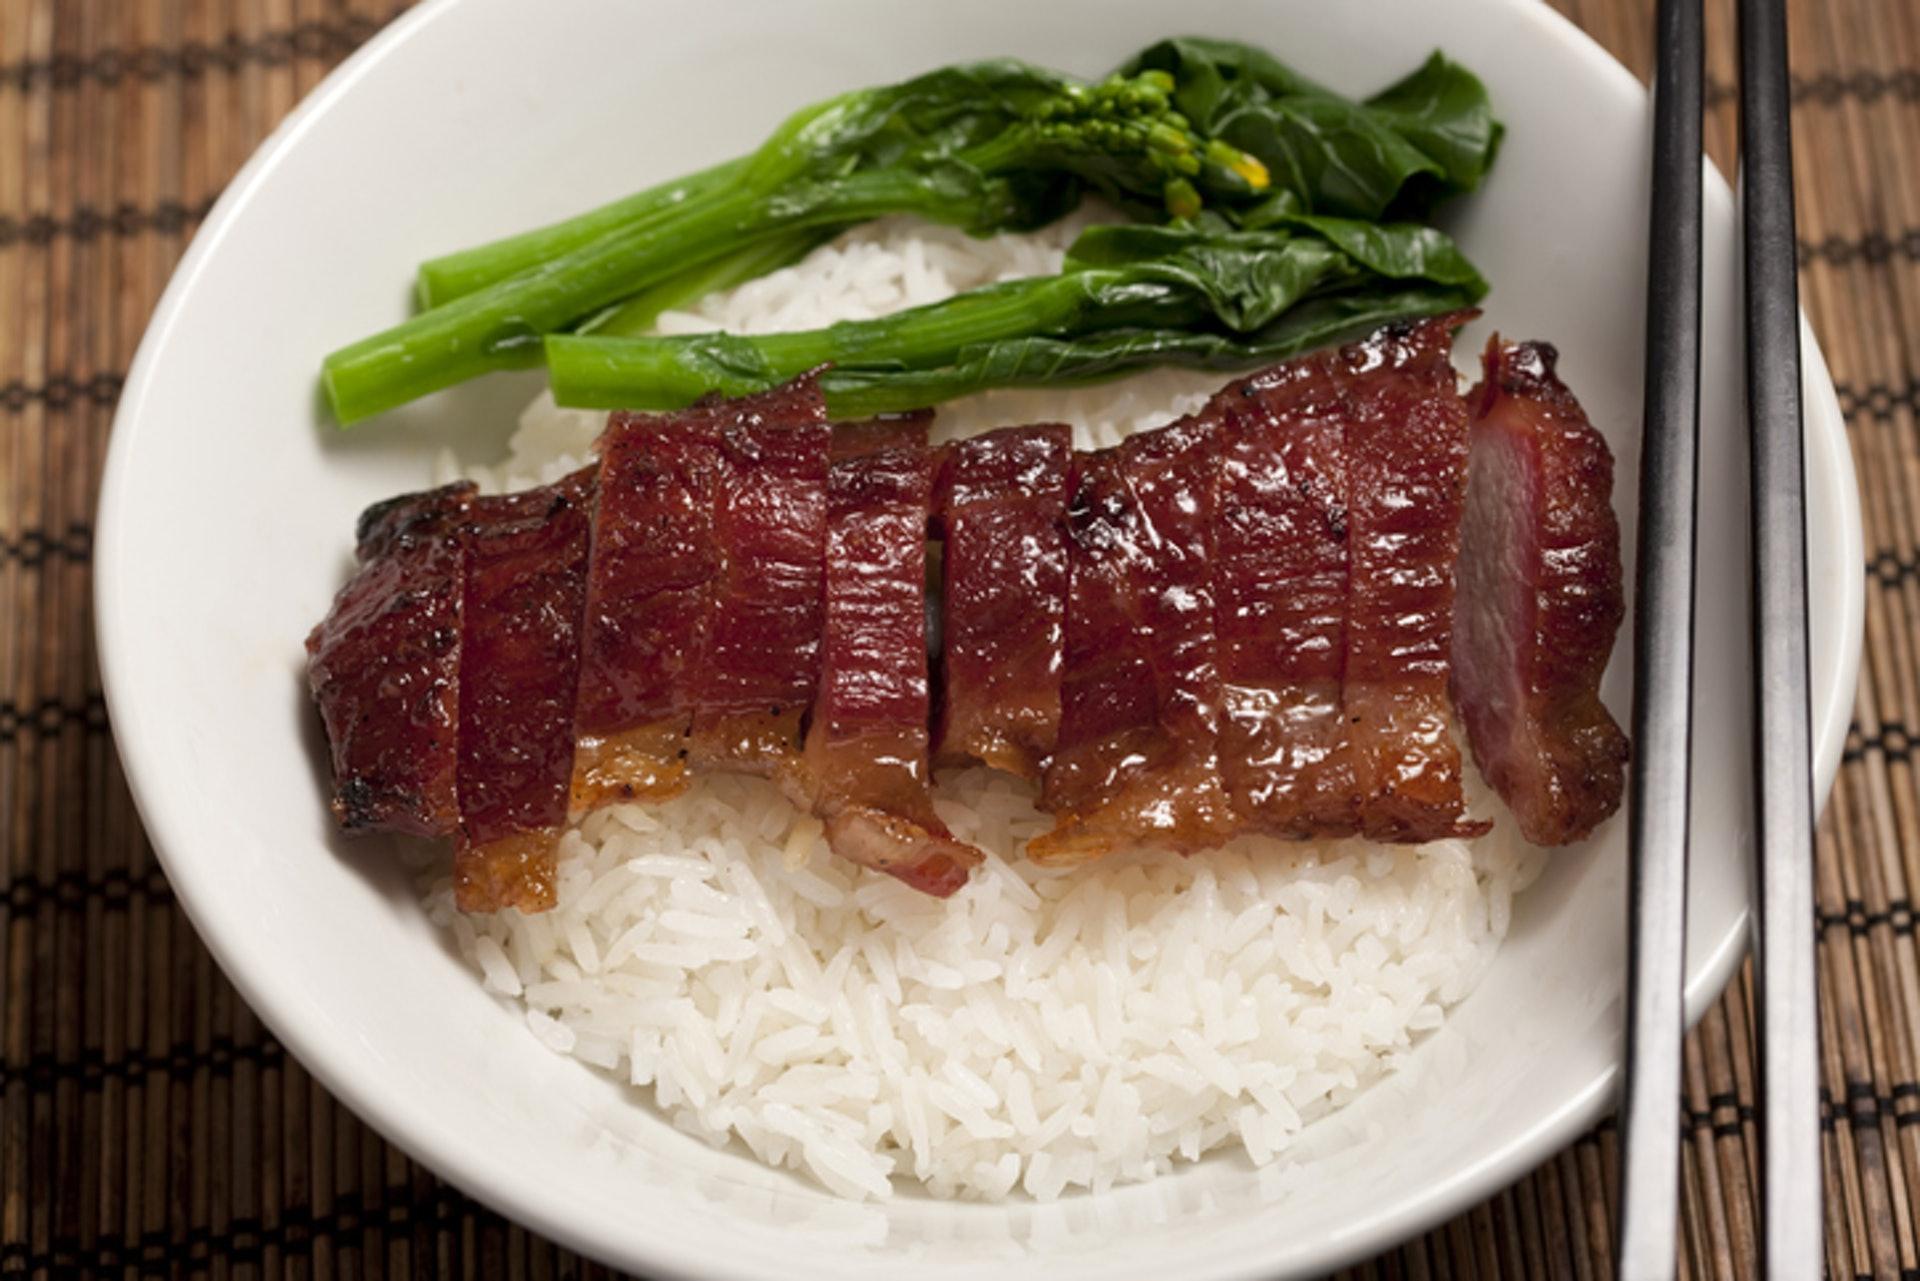 5.【叉燒飯(一碗400克約800卡路里)】同樣地,叉燒飯也可是不錯的有營午餐,不過除走燒味汁外,叉燒要一定選瘦的,因「肥叉」含較高飽和脂肪,同樣會導致血液中的壞膽固醇上升。(GettyImages/VCG)